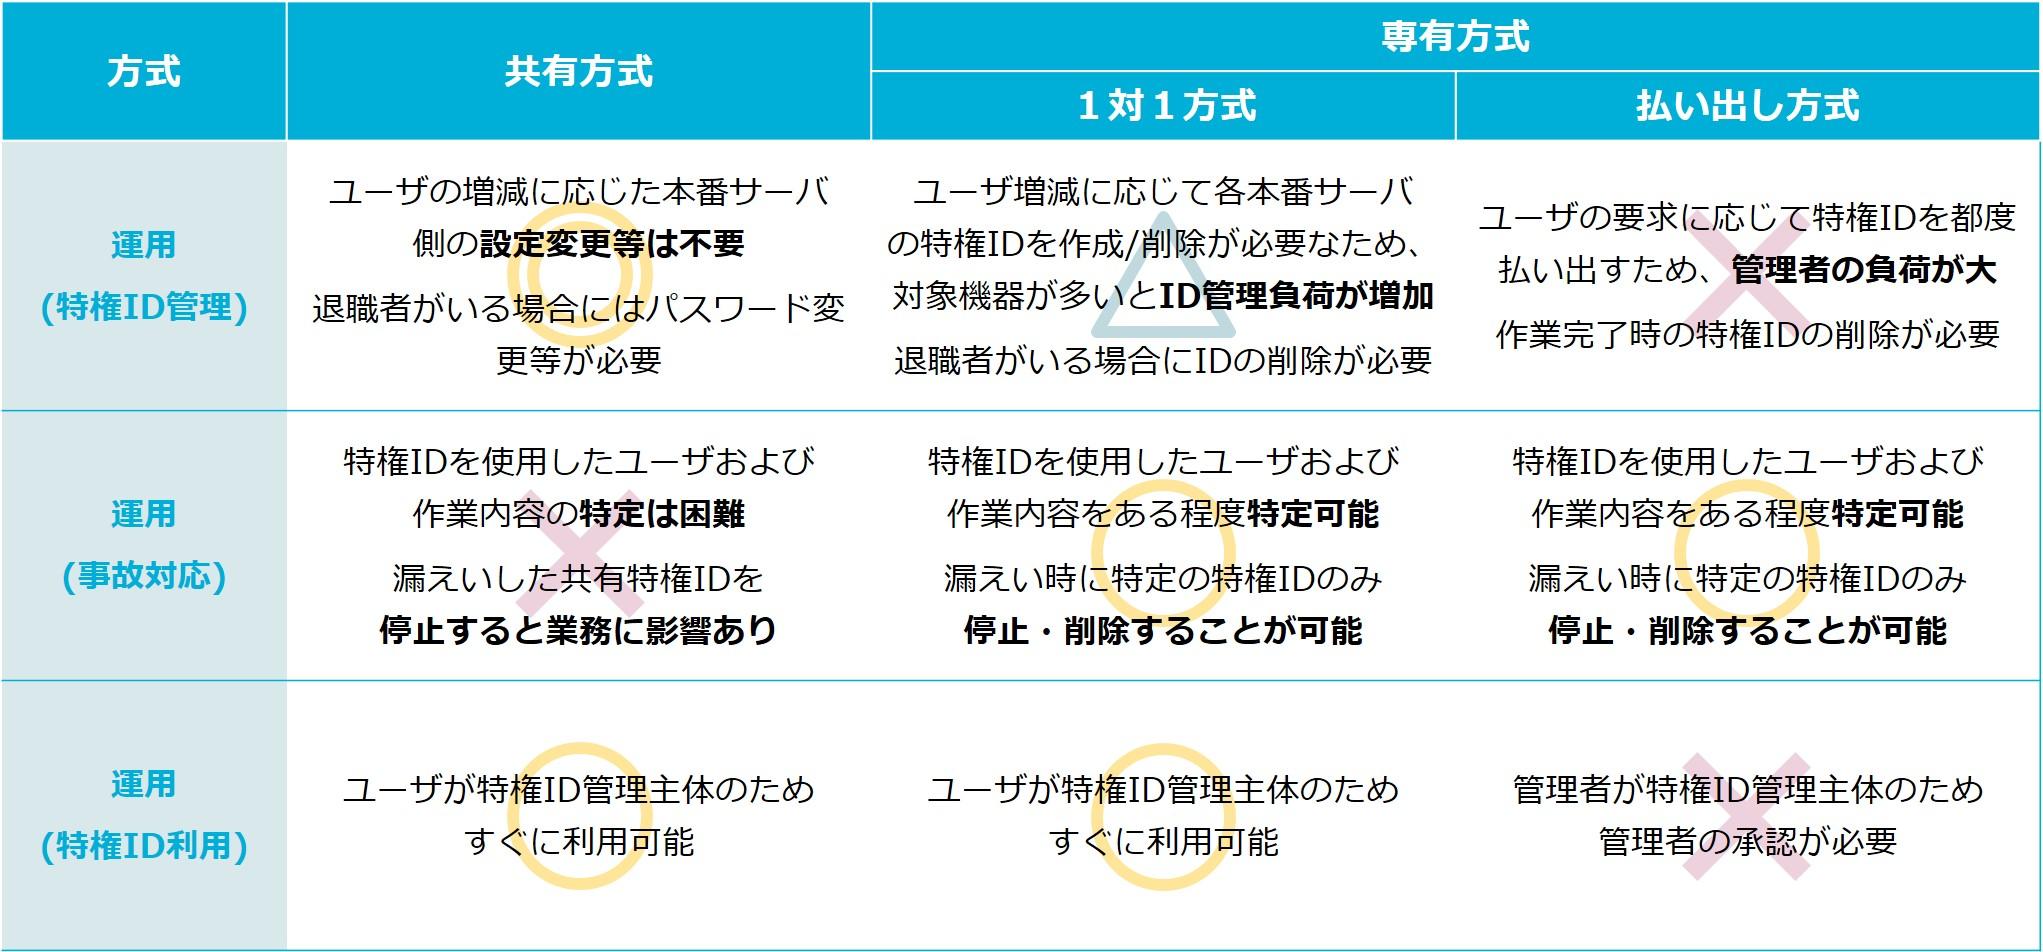 図3_運用の観点